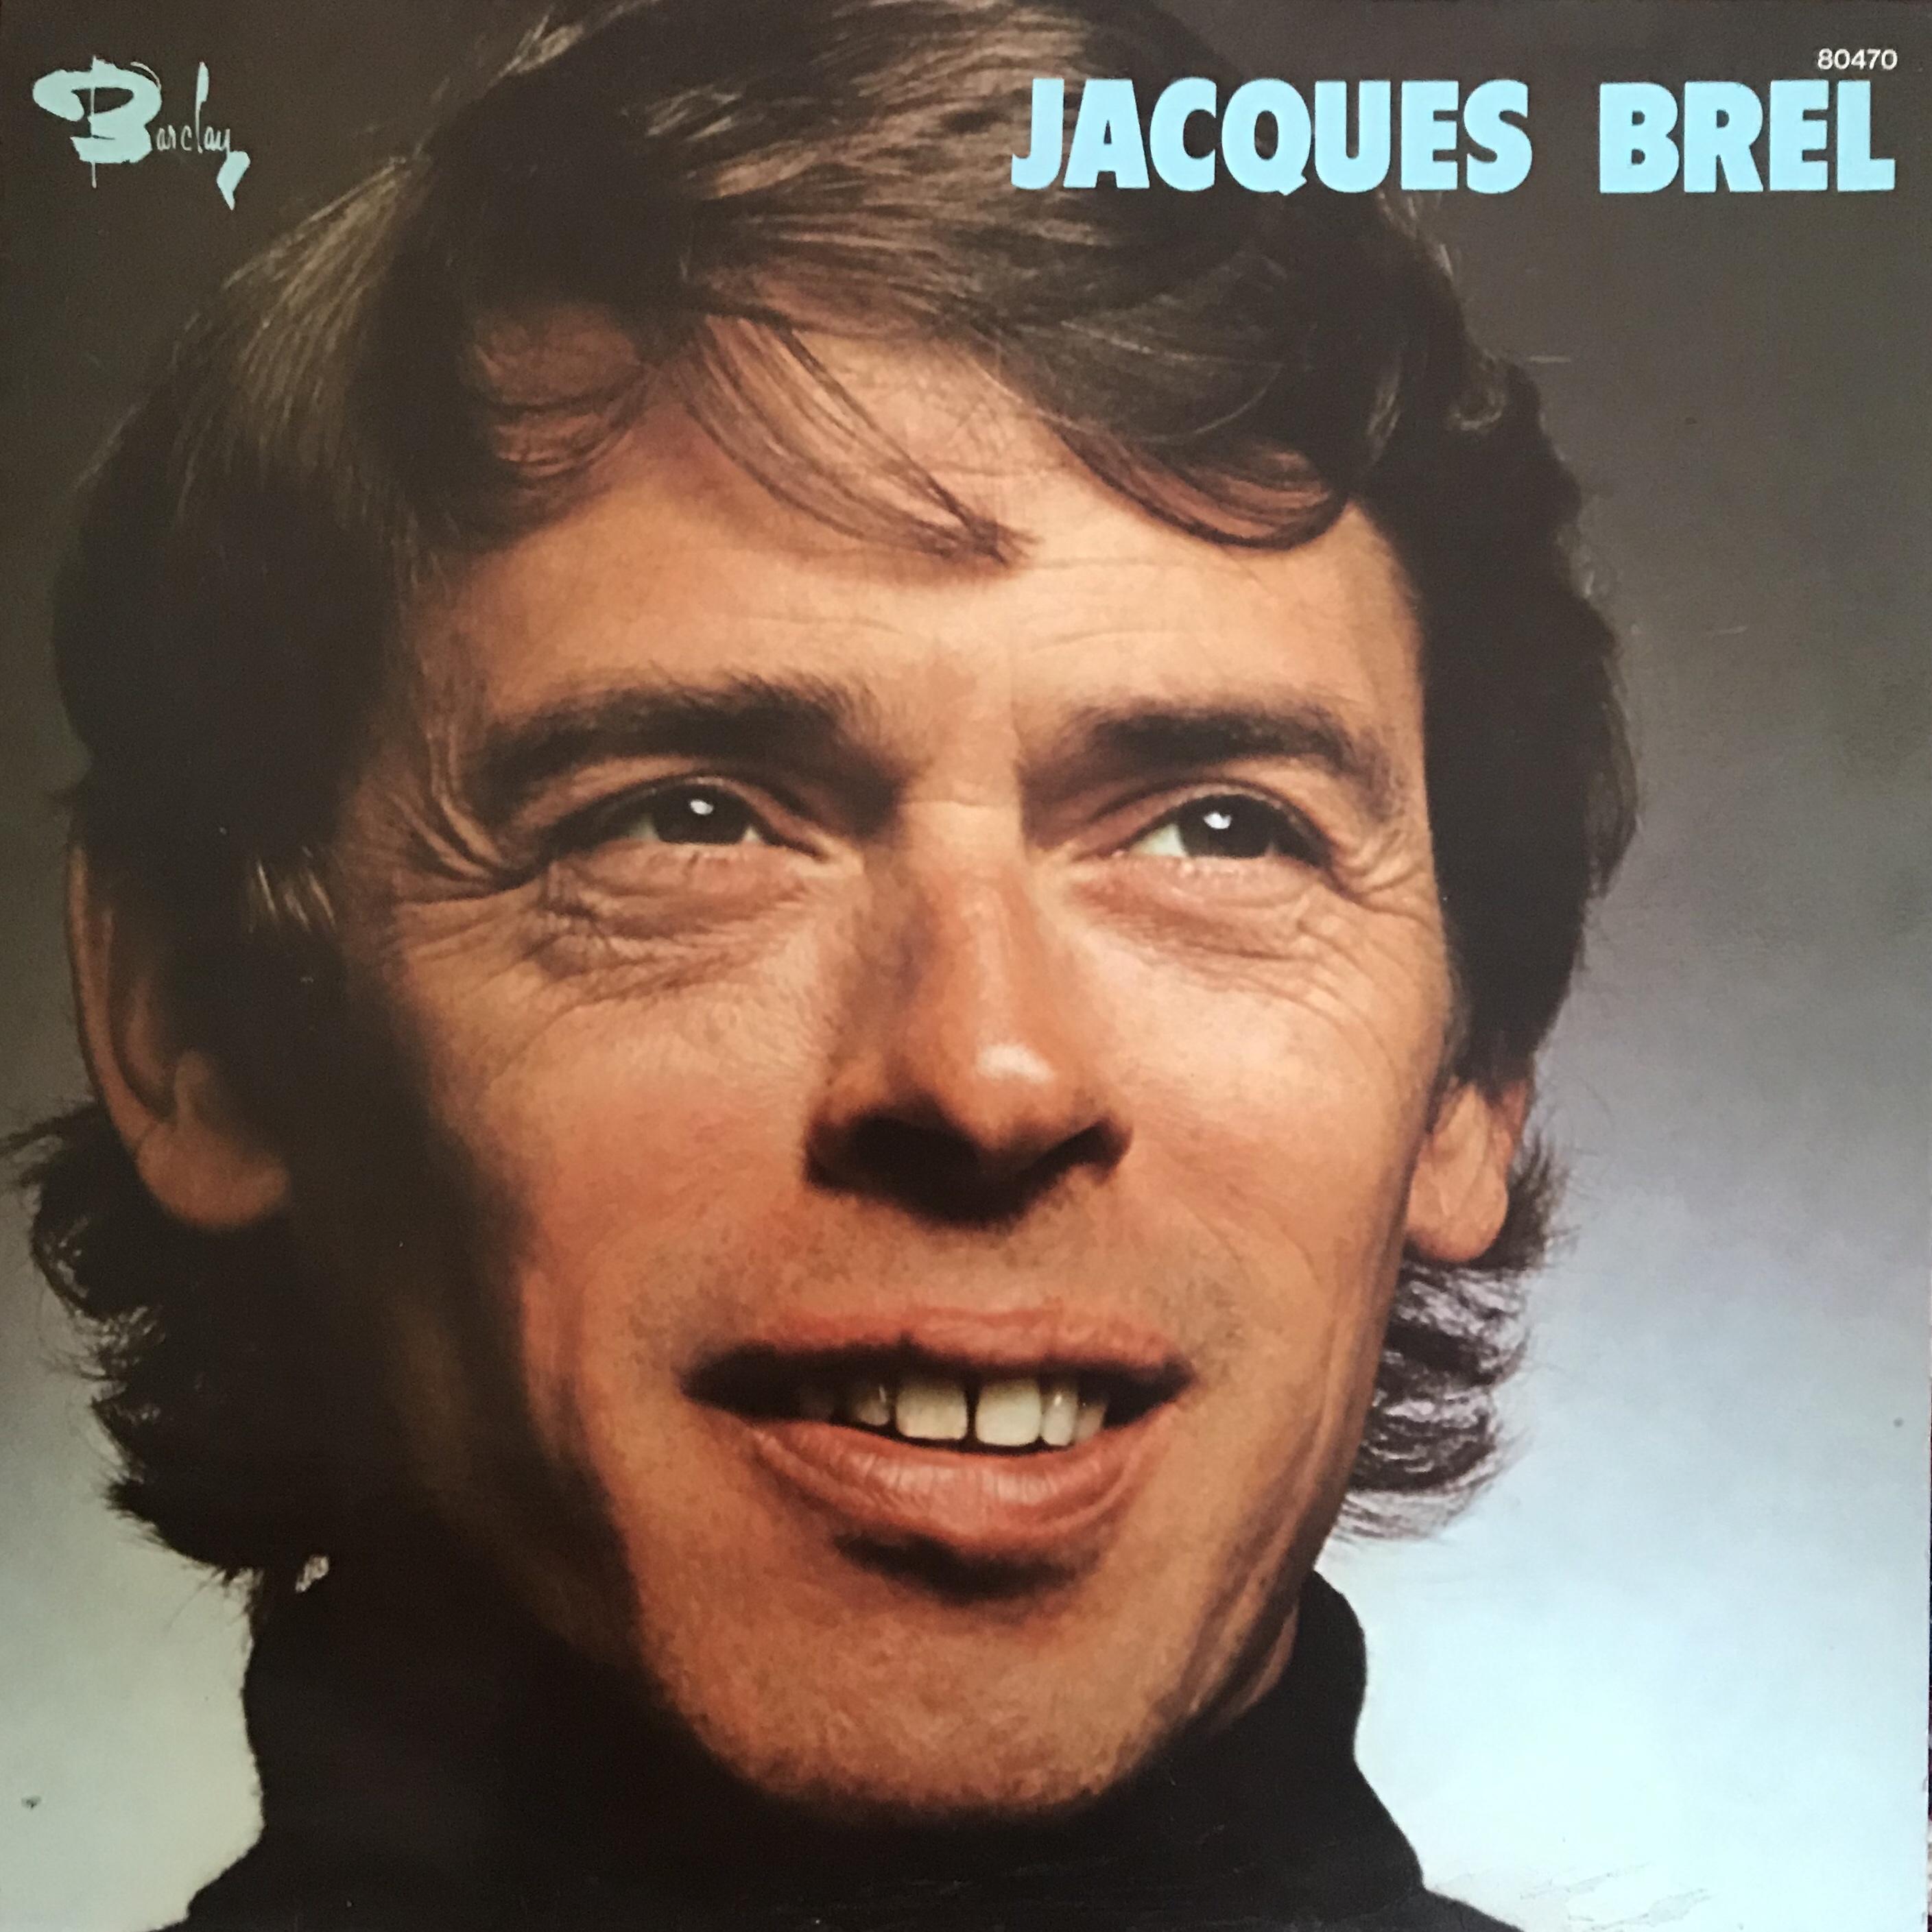 Jacques Brel, Ne Me Quitte Pas, 1972